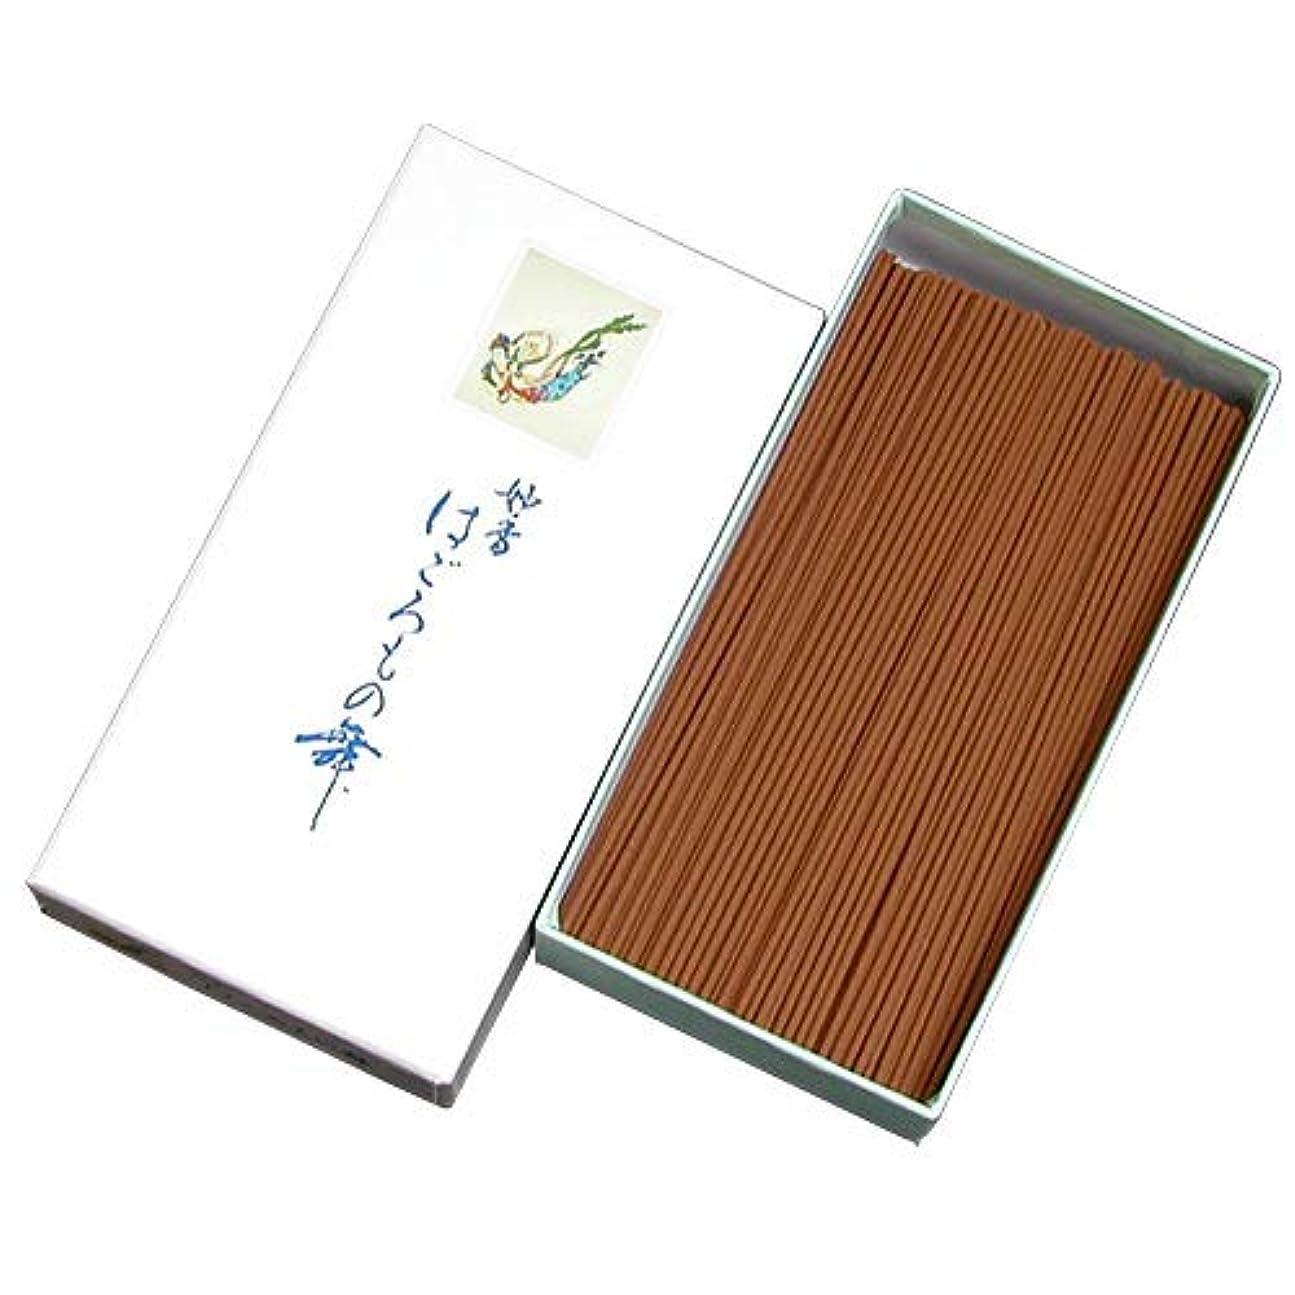 ポーン今晩禁止する家庭用線香 はごろもの舞(箱寸法16×8.5×3.5cm)◆一番人気の優しい香りのお線香(大発)